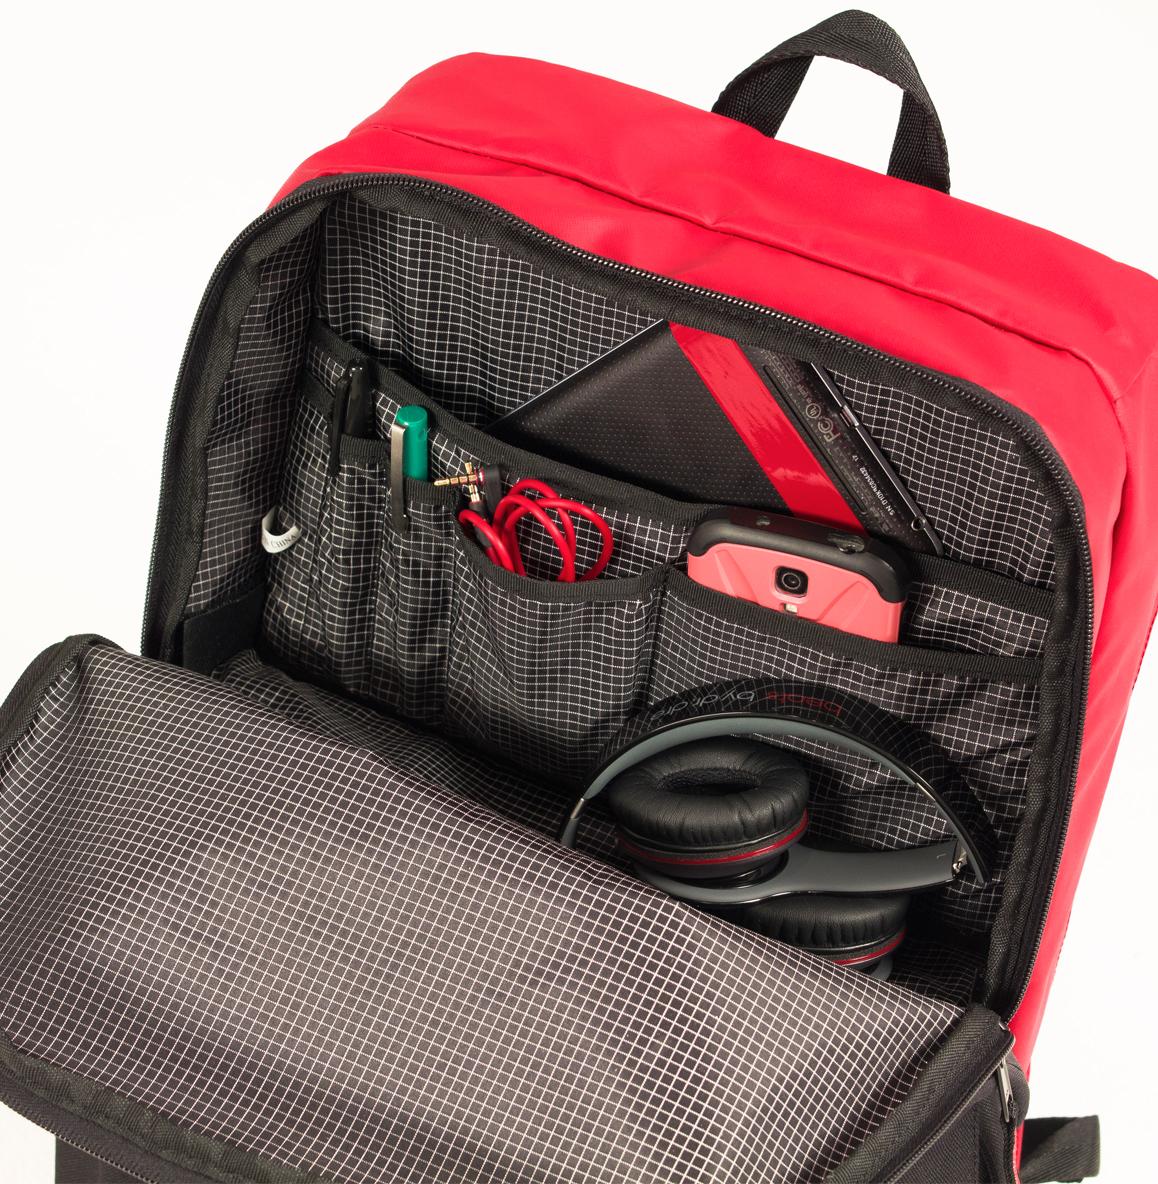 前面上部収納スペースは多数のポケットで小分けされており、使いやすい。